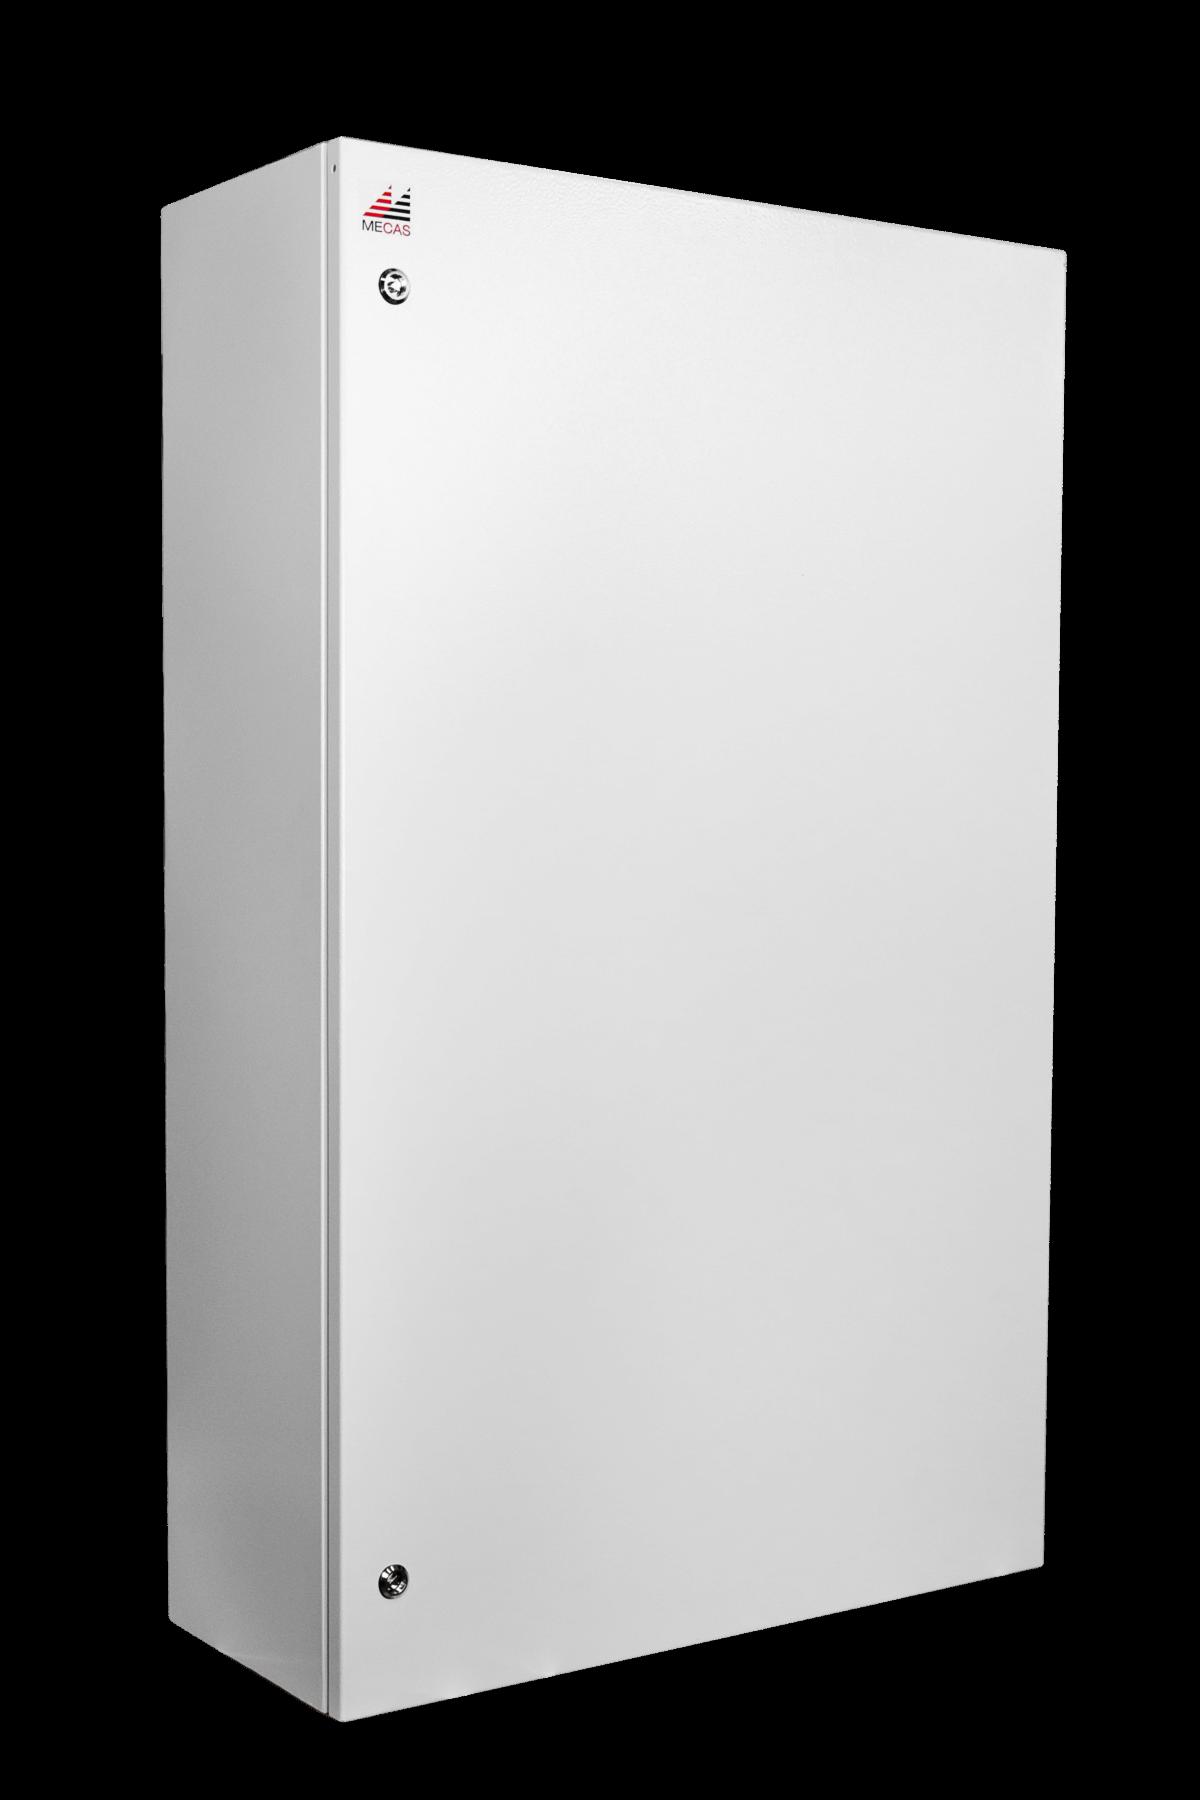 ЩРНМ-6 IP54 (1200х750х300) MECAS